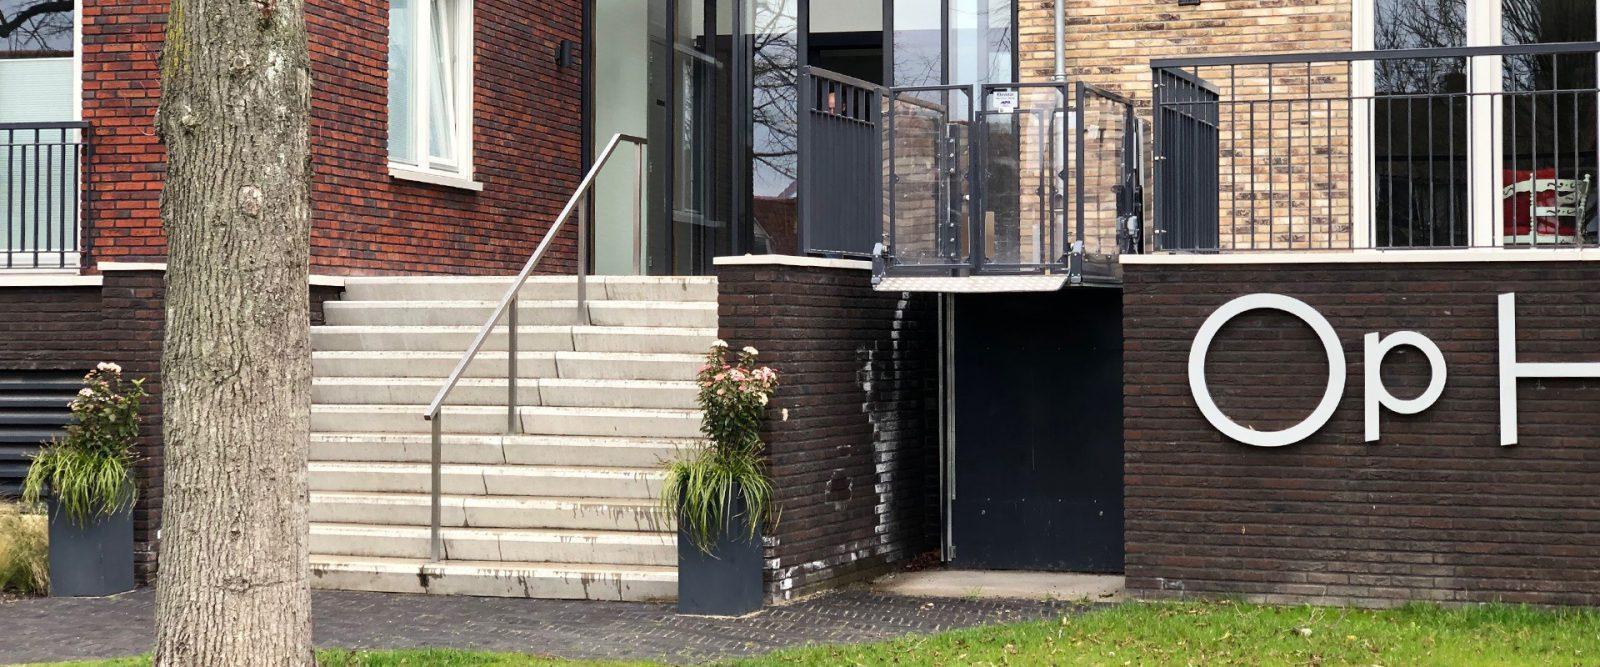 rolstoellift bij appartementencomplex